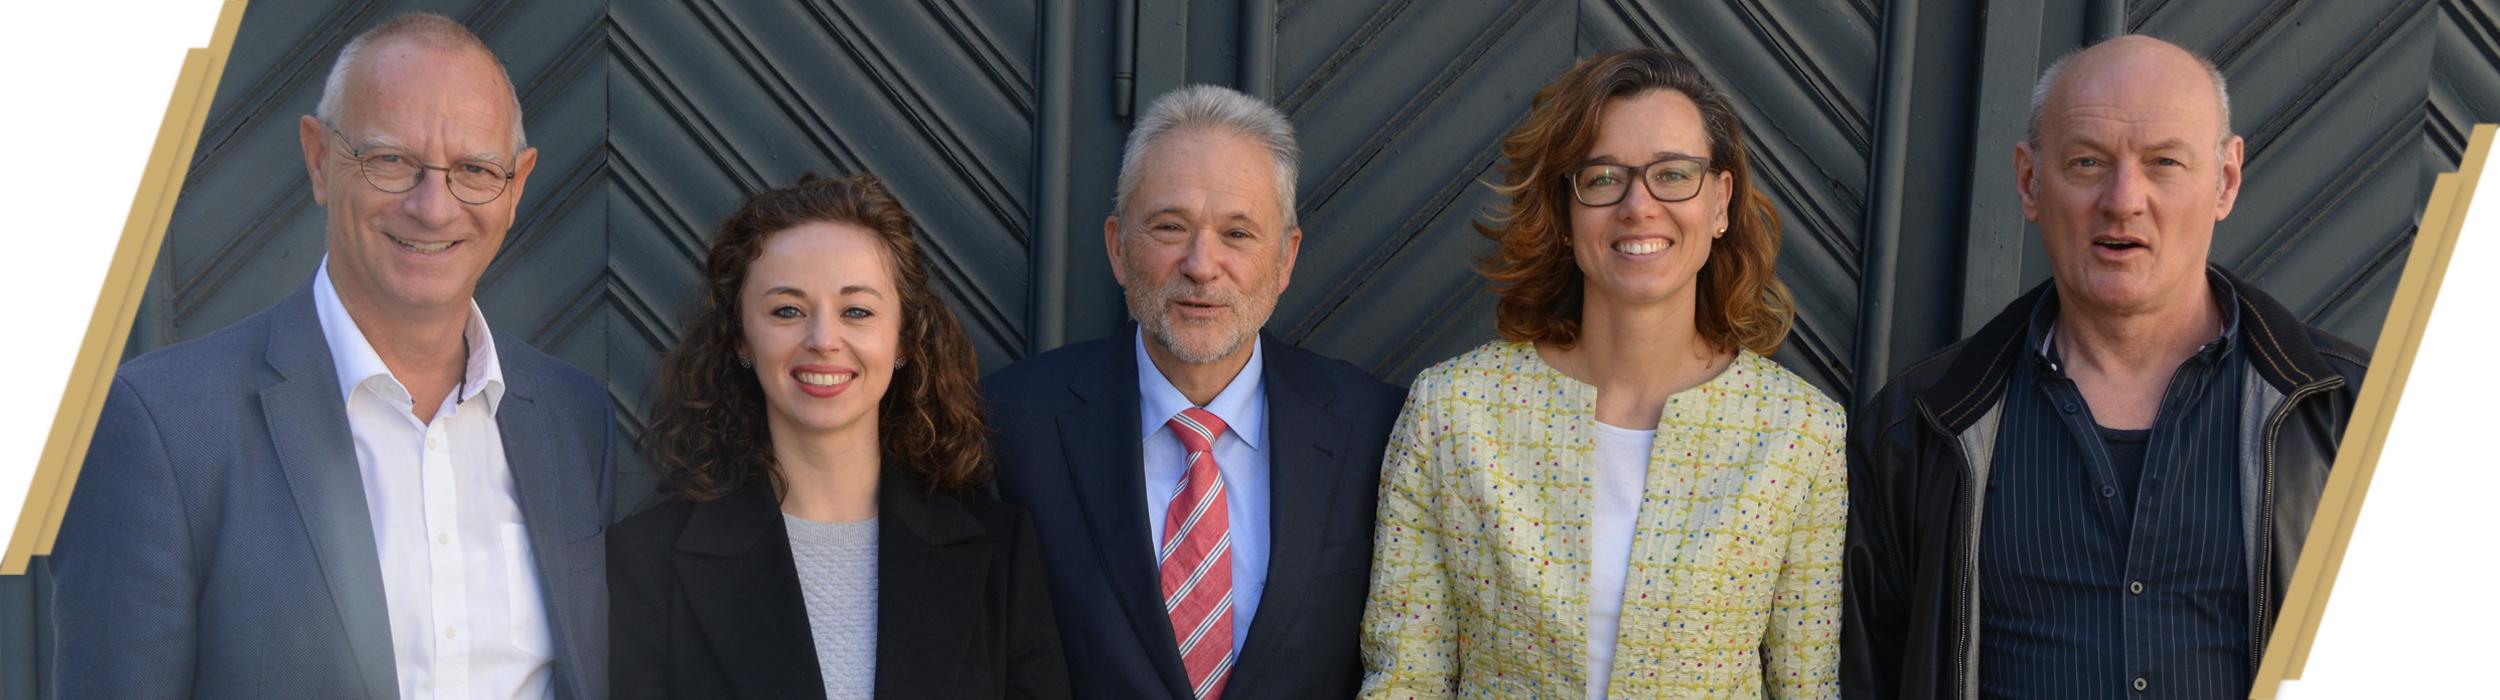 DAPJV Vorstand